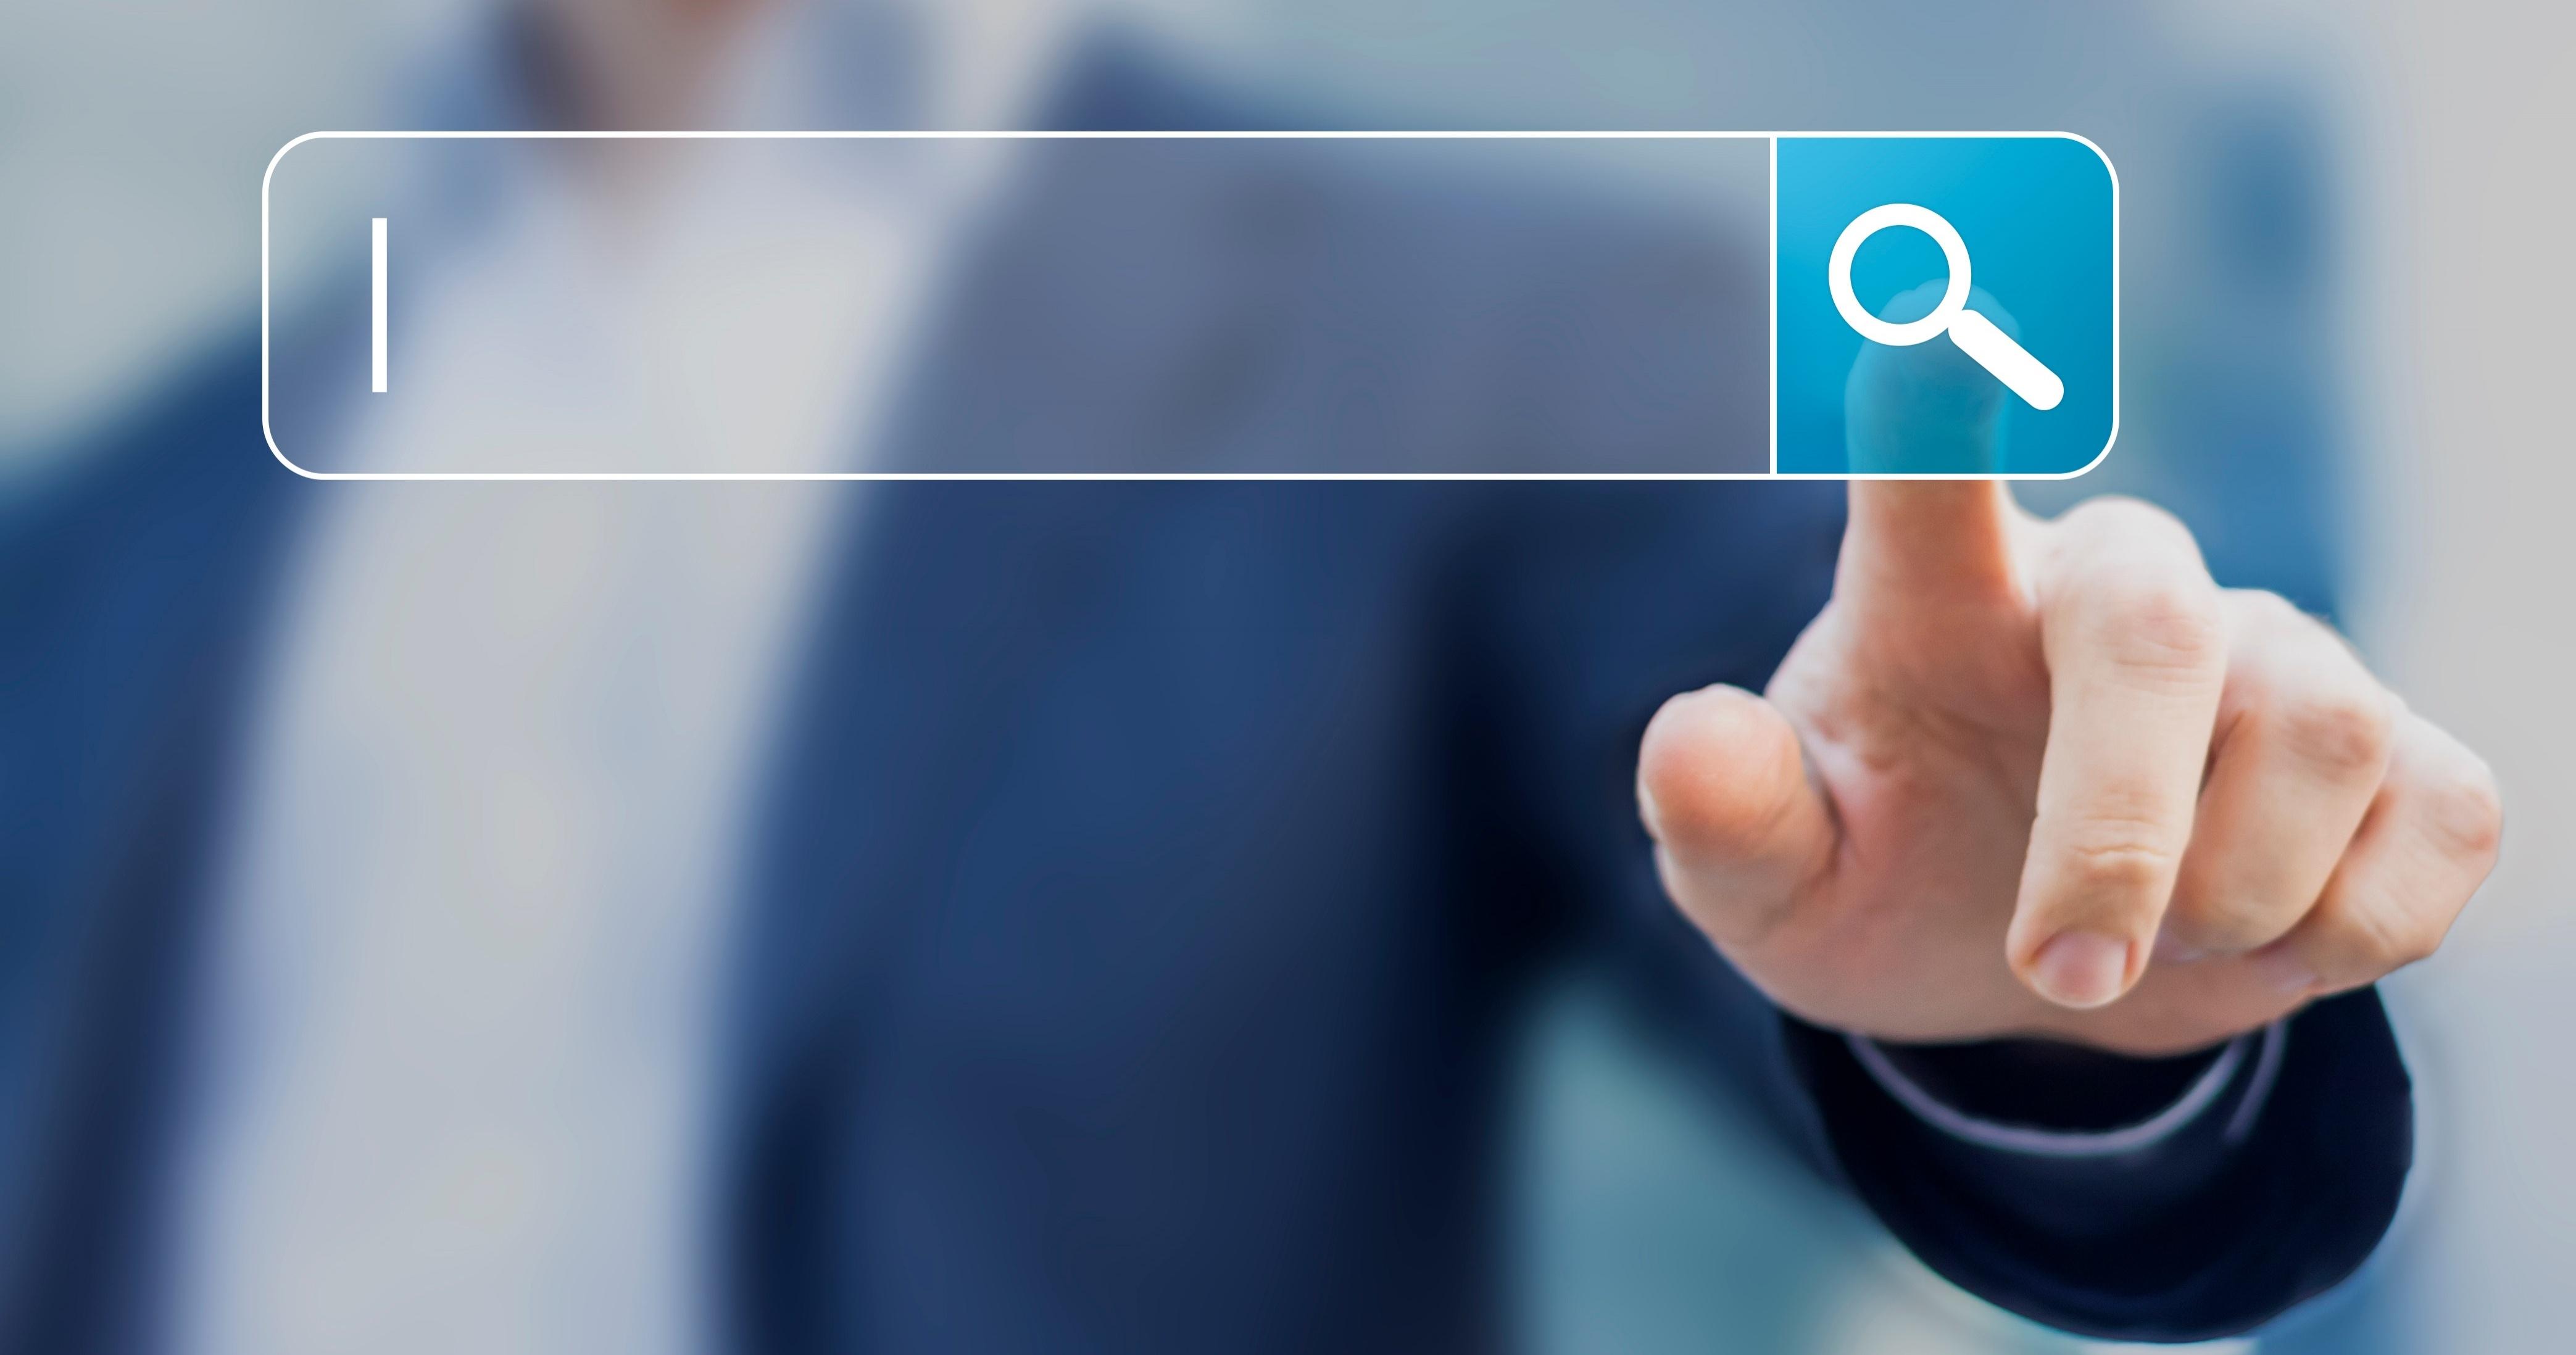 Conoce la calificación de tu página web y aprende cómo mejorarla [Guía Gratis]